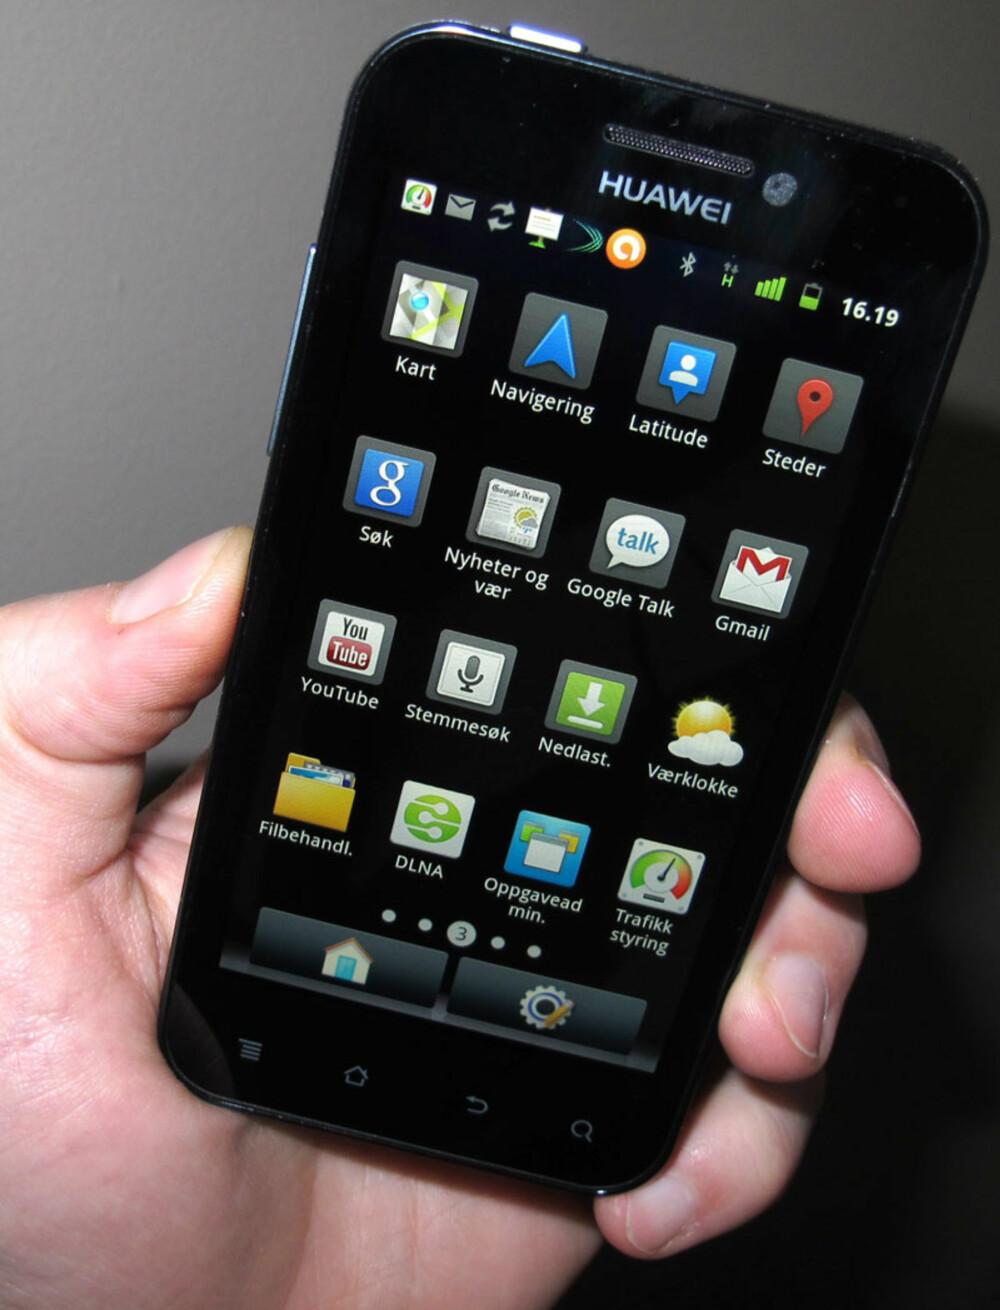 ENKELT: Menyene til Huawei Honor er enkle å forstå seg på.